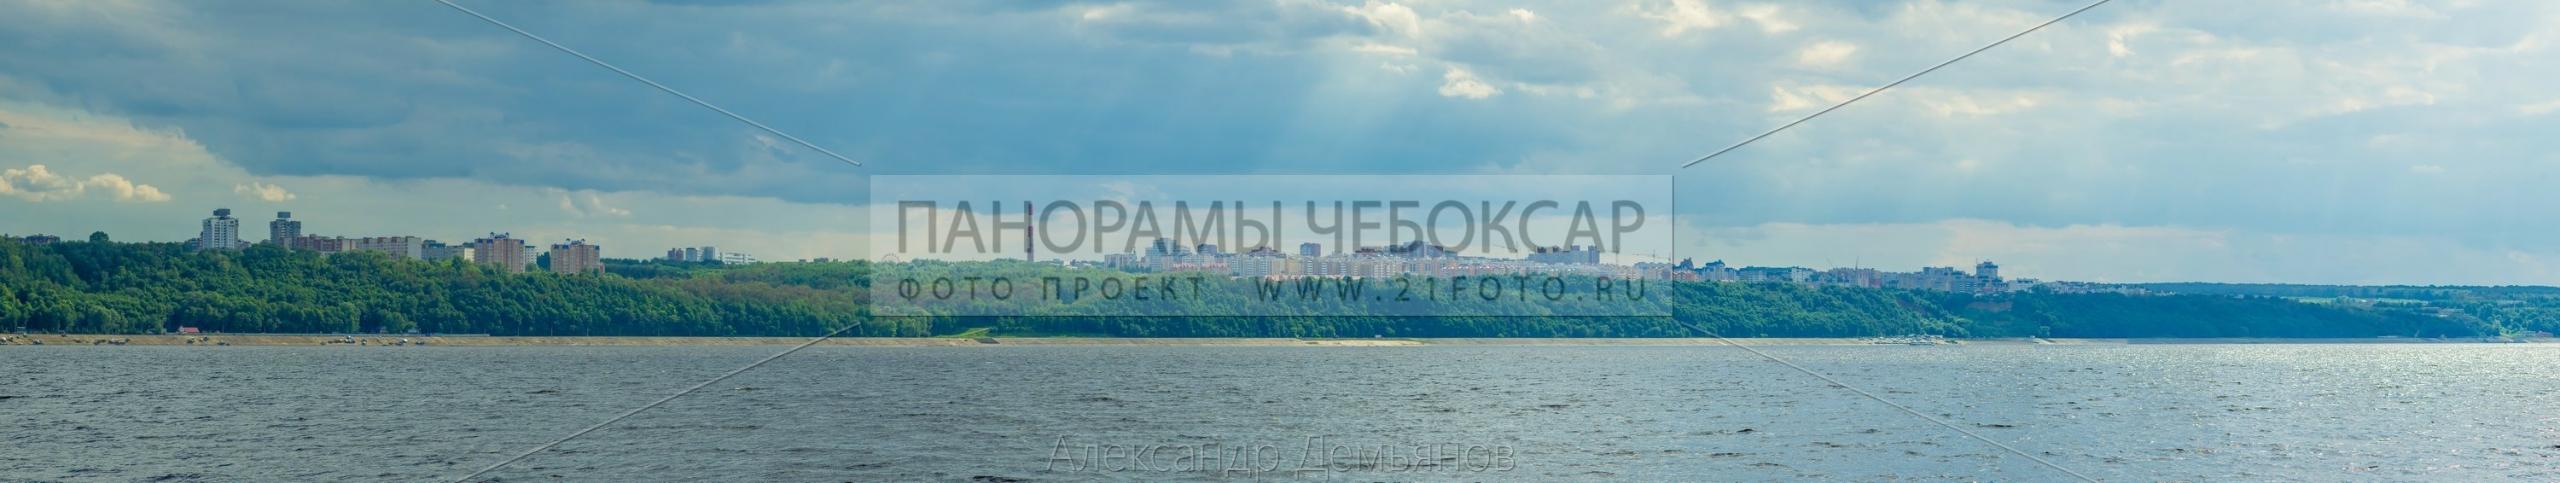 Северо-западный район Чебоксары летом